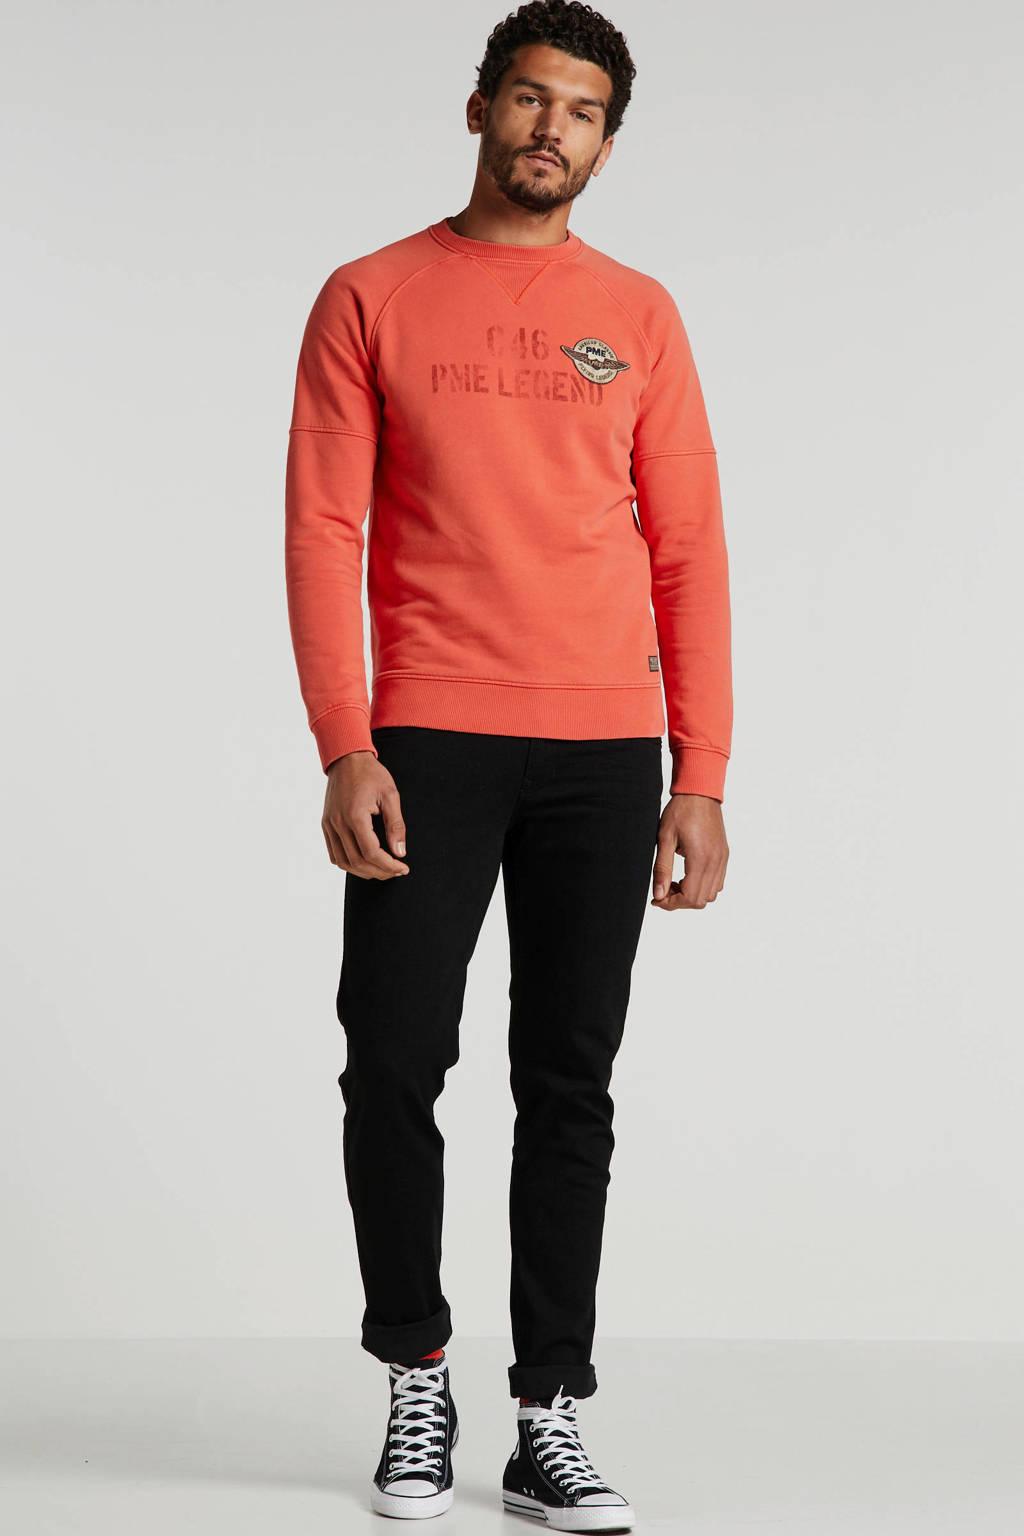 PME Legend sweater met printopdruk koraal, Koraalrood